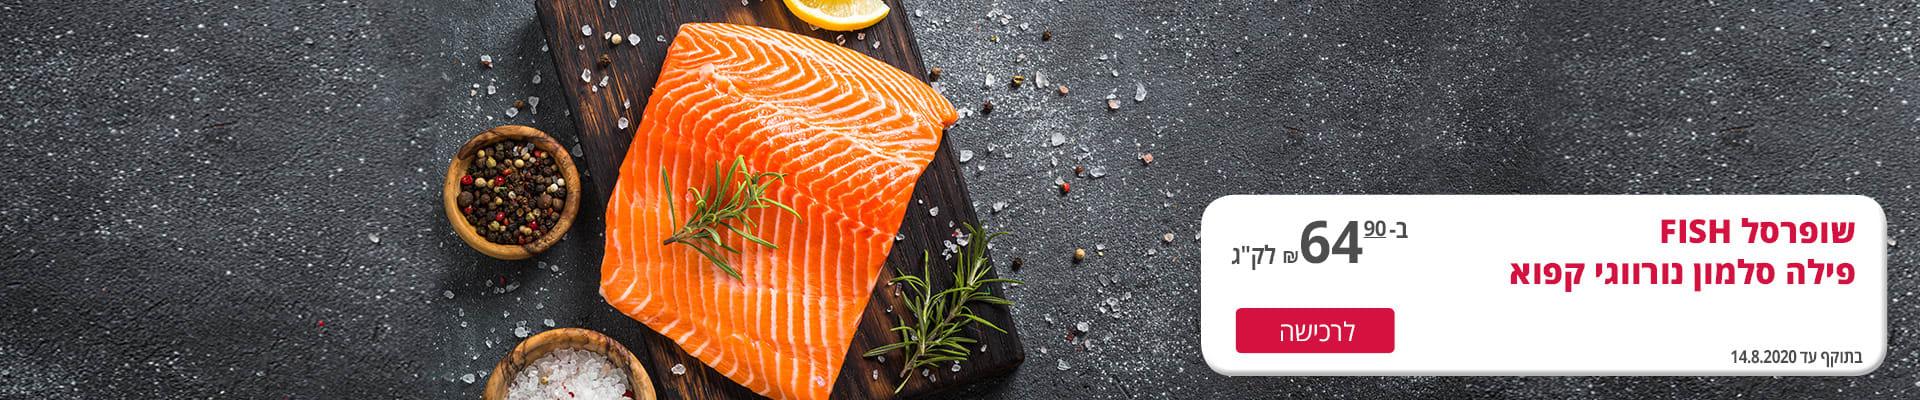 שופרסל FISH פילה סלמון נורווגי קפוא ב- 64.90 ₪. בתוקף עד 14.8.2020.